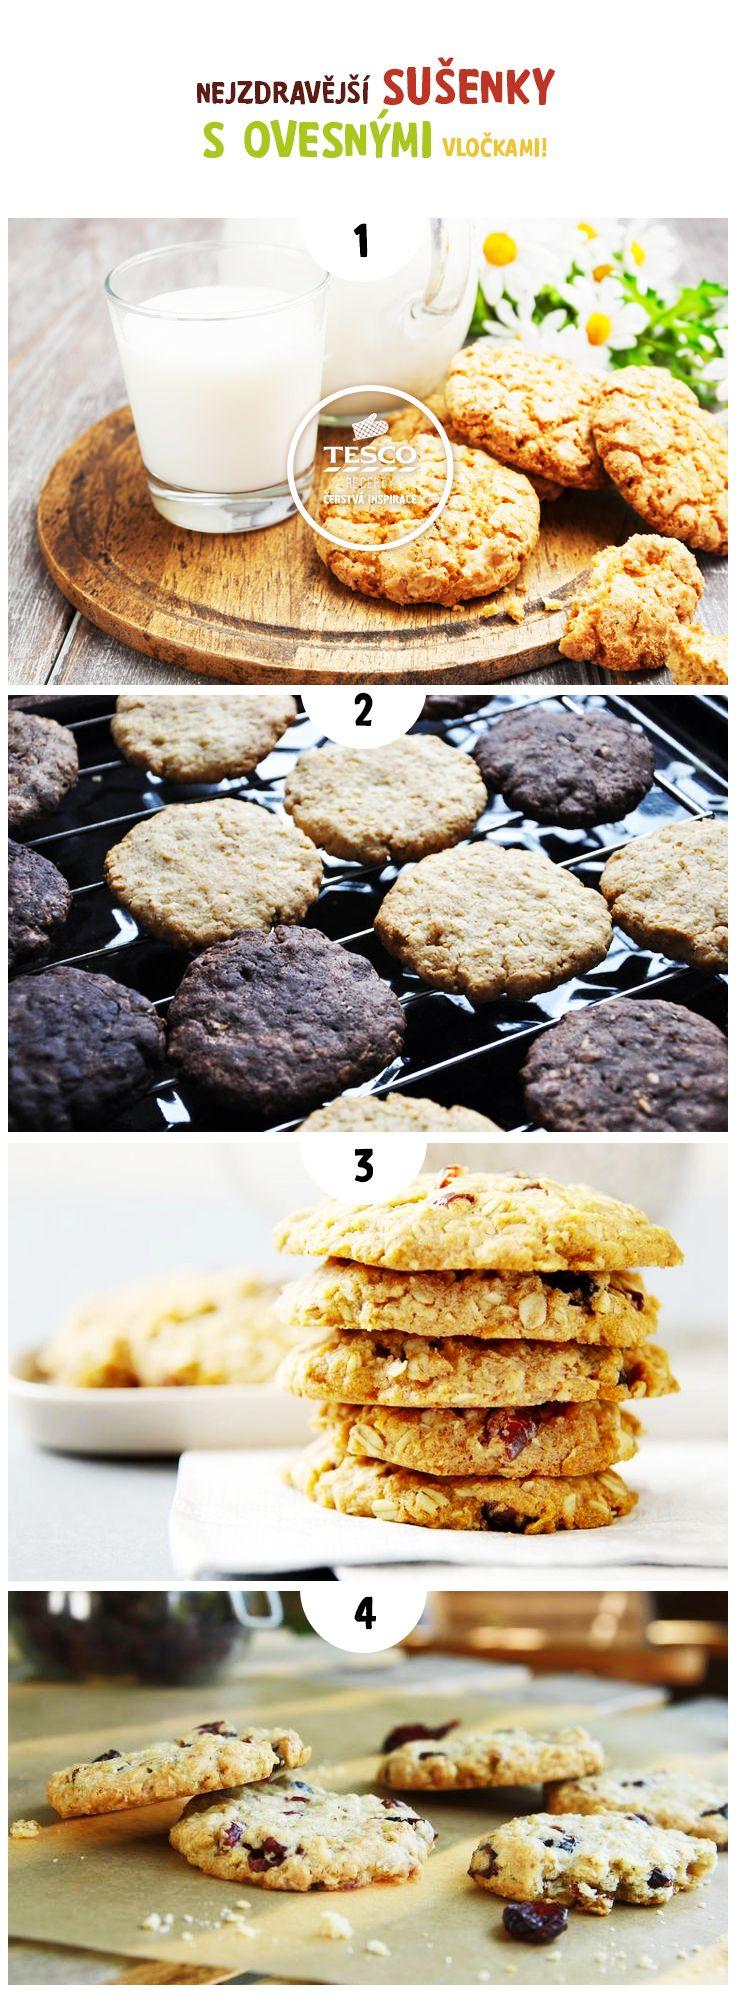 Zabalte své ratolesti do batůžku nejzdravější sušenky s ovesnými vločkami!